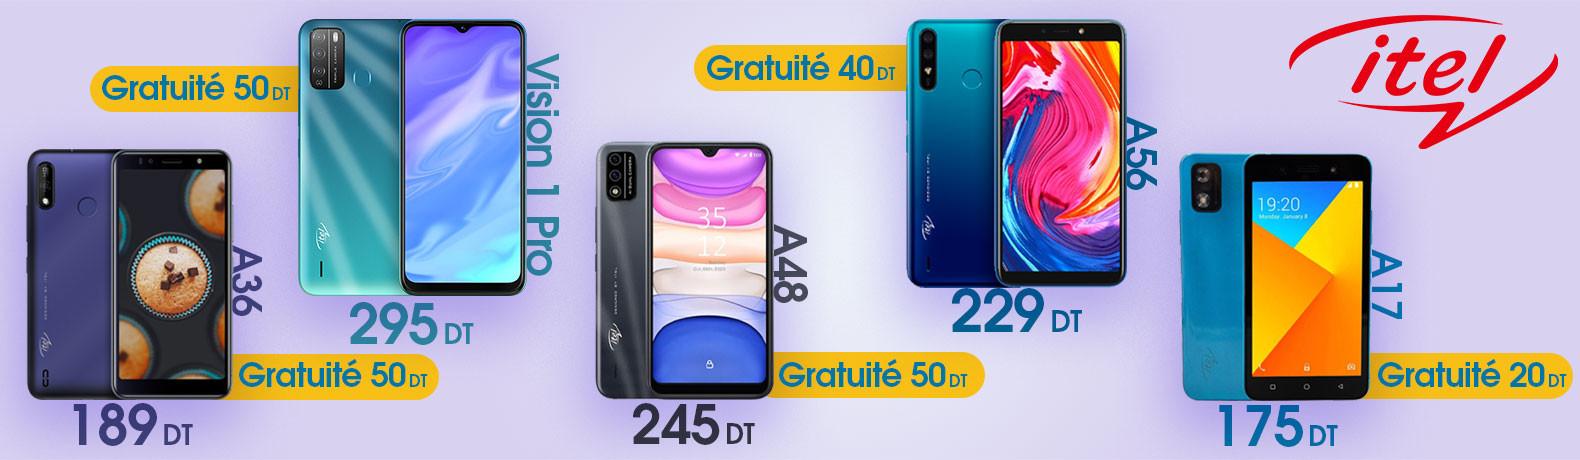 itel phone Tunisia